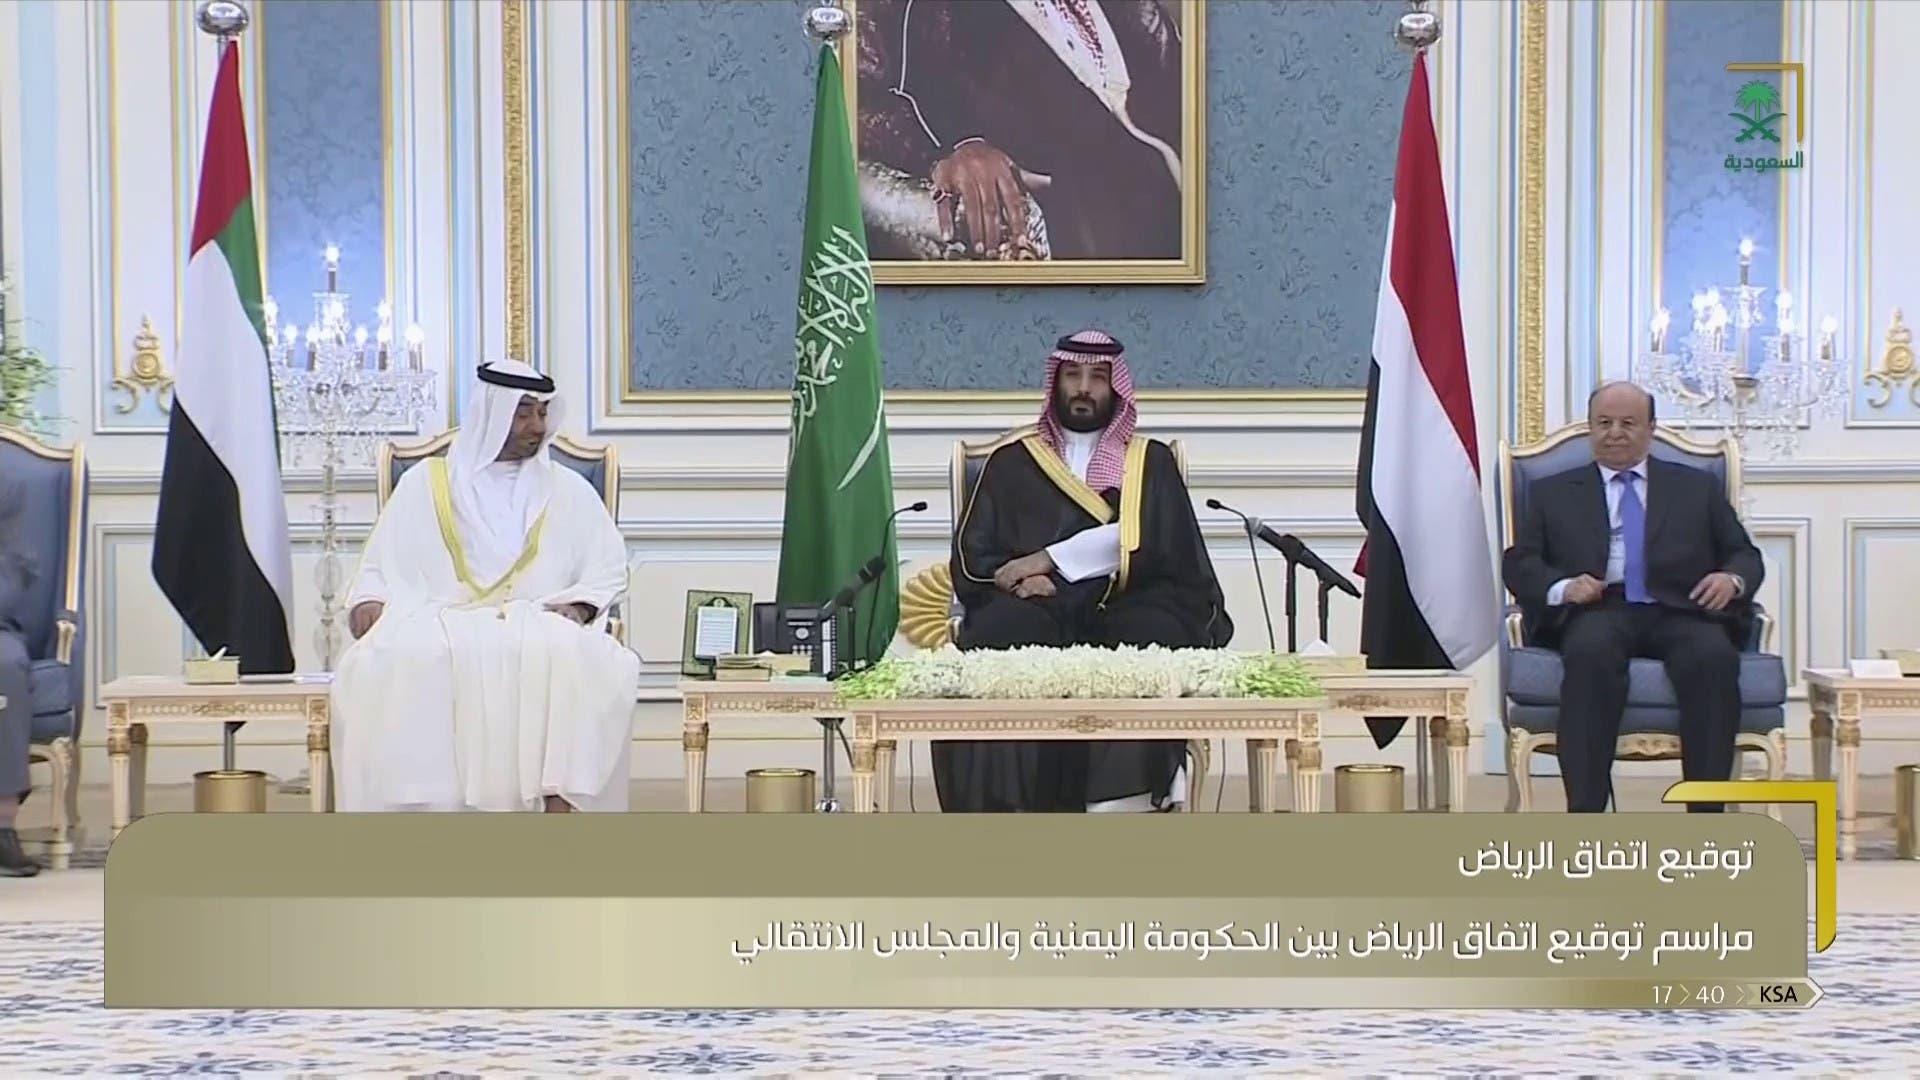 الرئيس اليمني وولي العهد السعودي وولي عهد أبوظبي